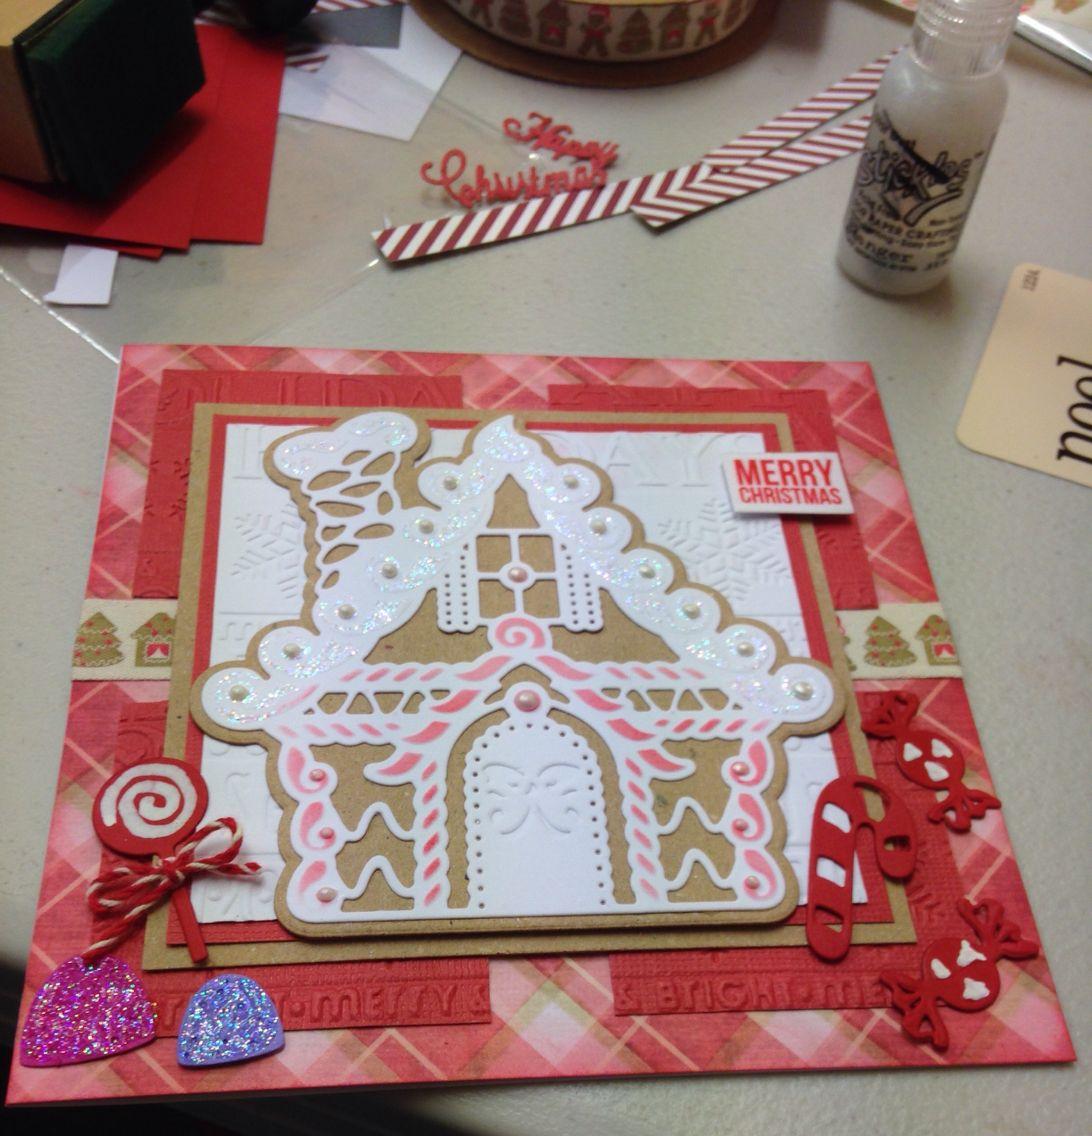 Scrapbook ideas christmas card - Christmas Card Made Using Spellbinders Gingerbread House Die Gingerbread Houseschristmas Scrapbookchristmas Ideaschristmas